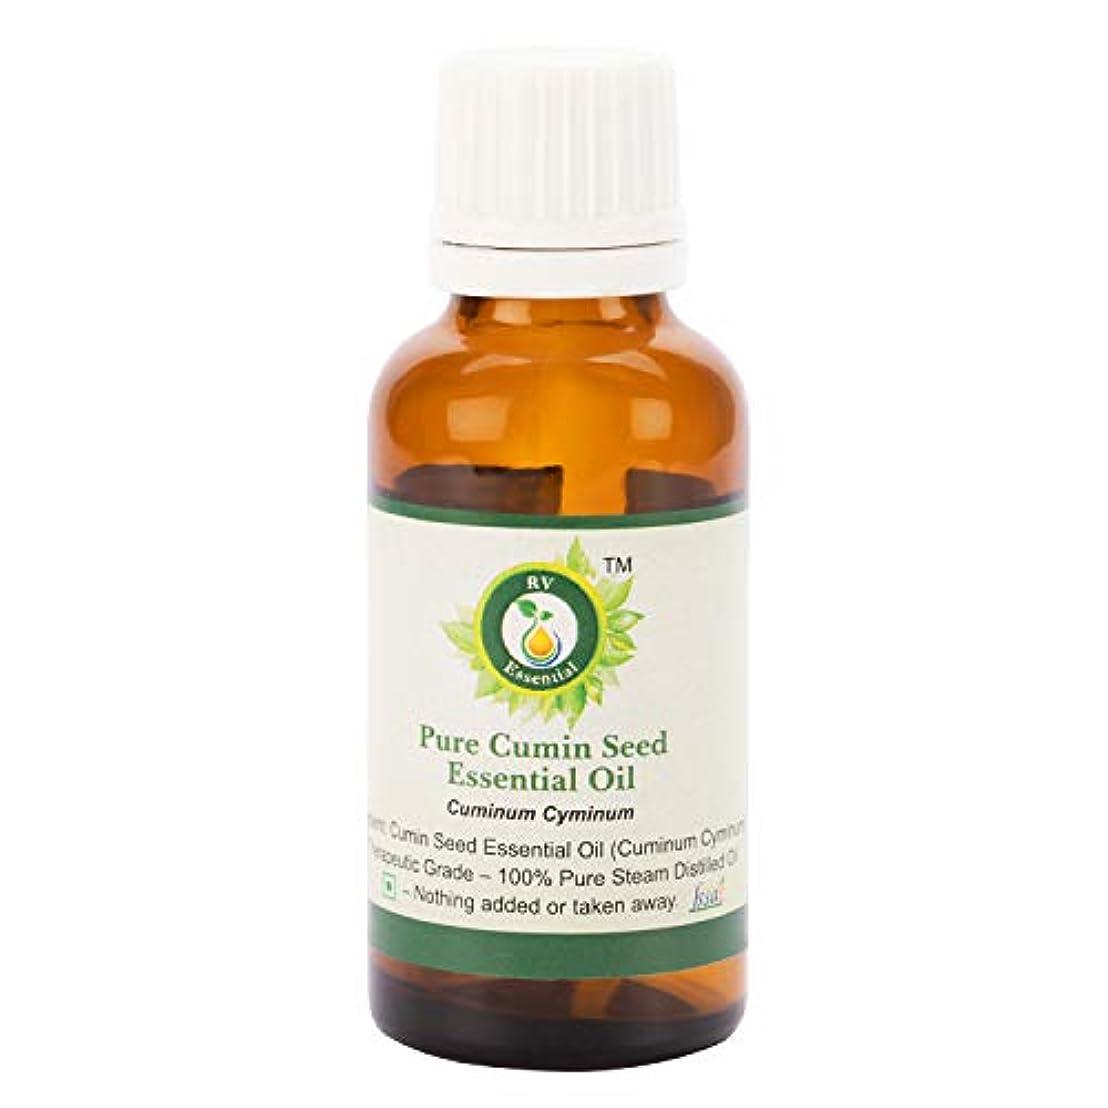 祝福するソフトウェアトロイの木馬ピュアクミンシードエッセンシャルオイル5ml (0.169oz)- Cuminum Cyminum (100%純粋&天然スチームDistilled) Pure Cumin Seed Essential Oil